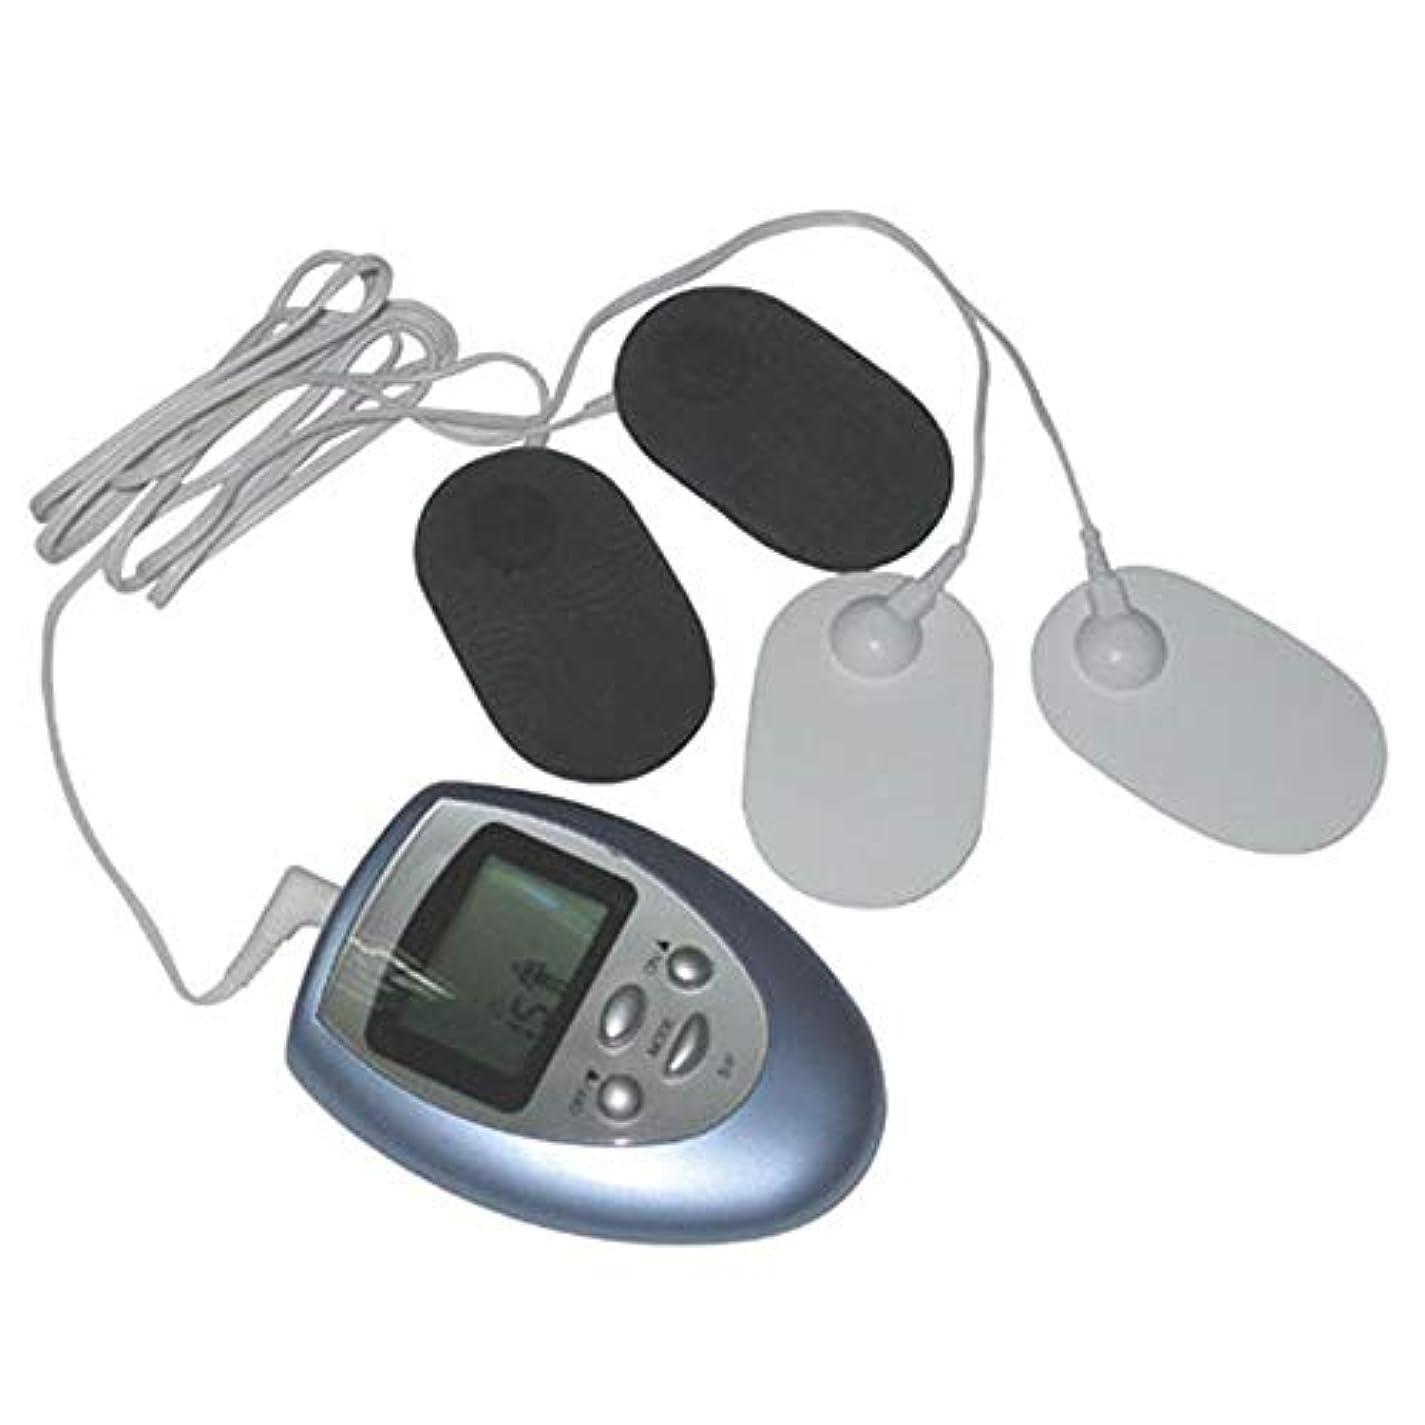 飢えシティ分類ポータブル電気刺激装置、パルスマッサージャーマッスルスティミュレーター4個のパッドを備えたユニット8個の痛みを軽減するためのモードブルー